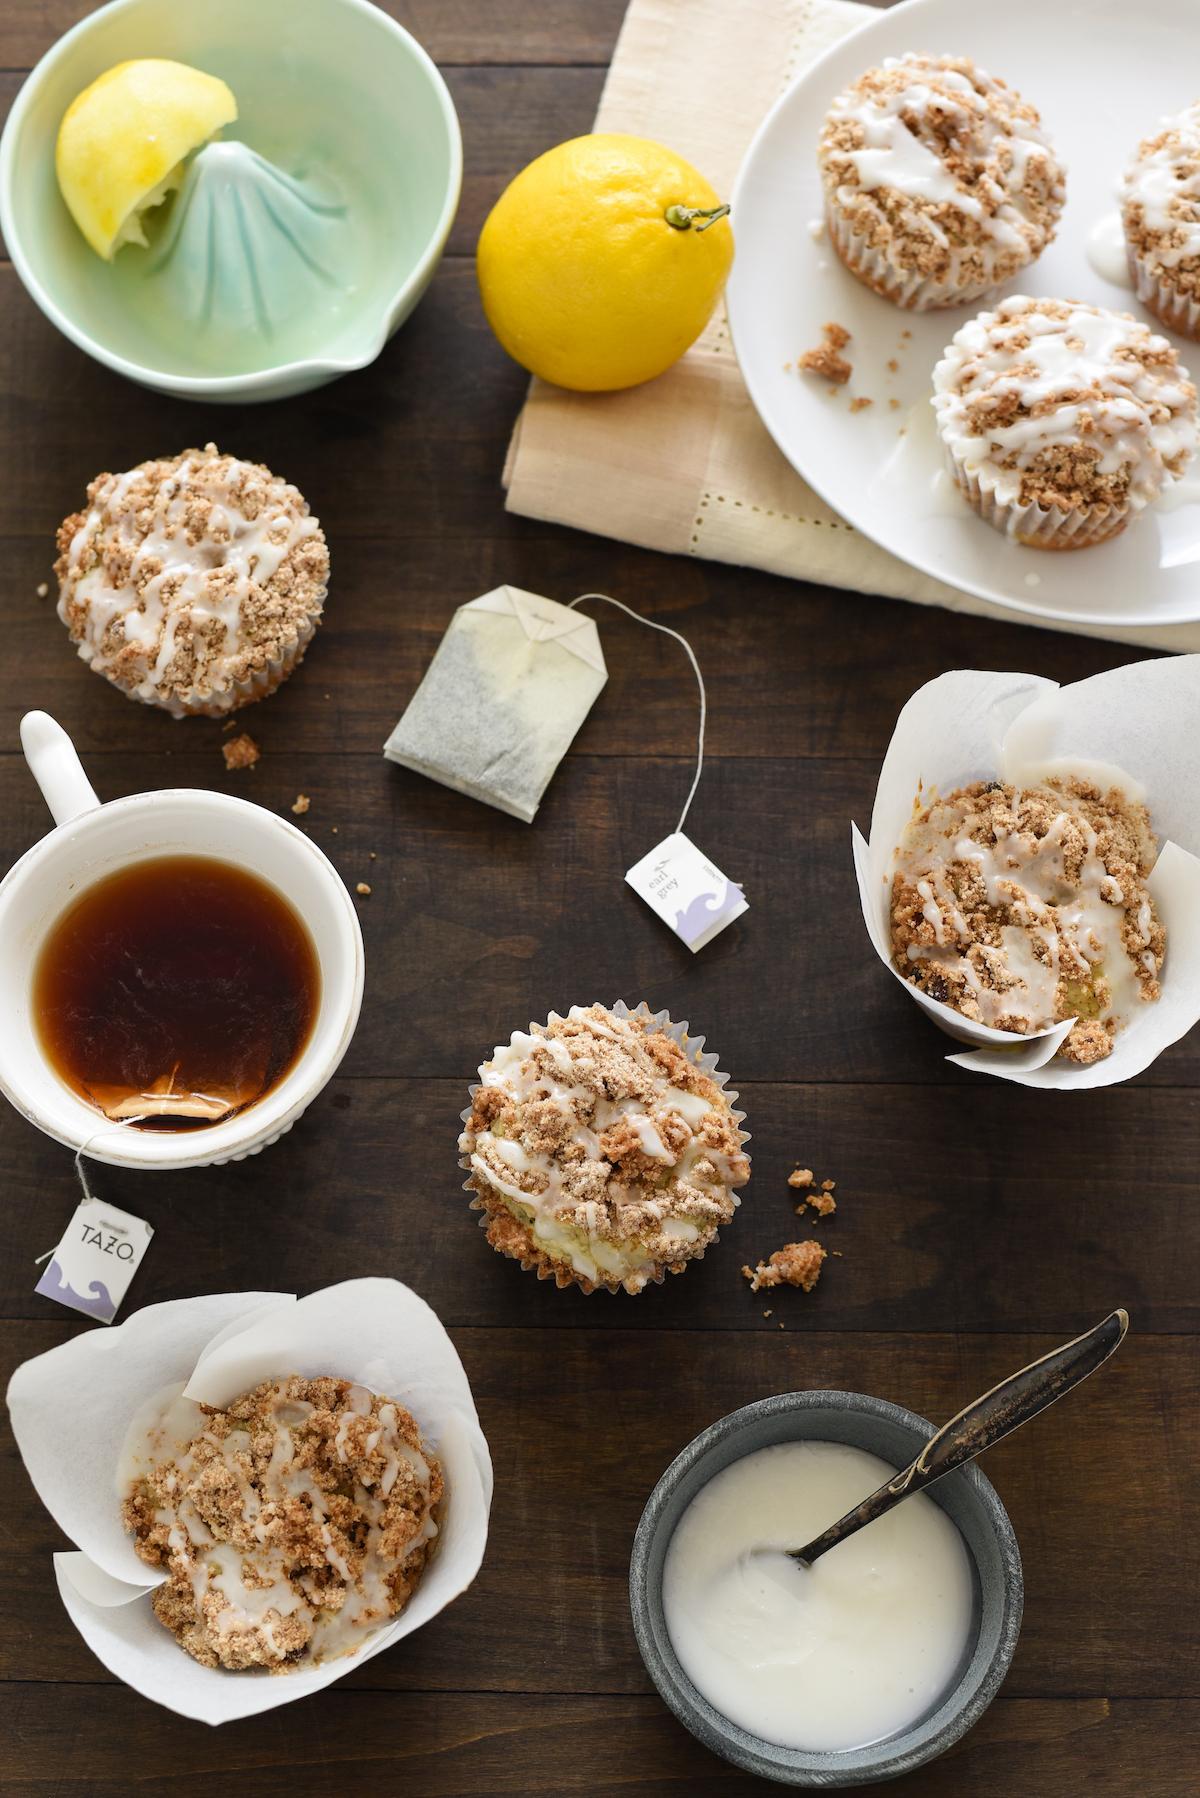 lemon-earl-gray-streusel-muffins-2